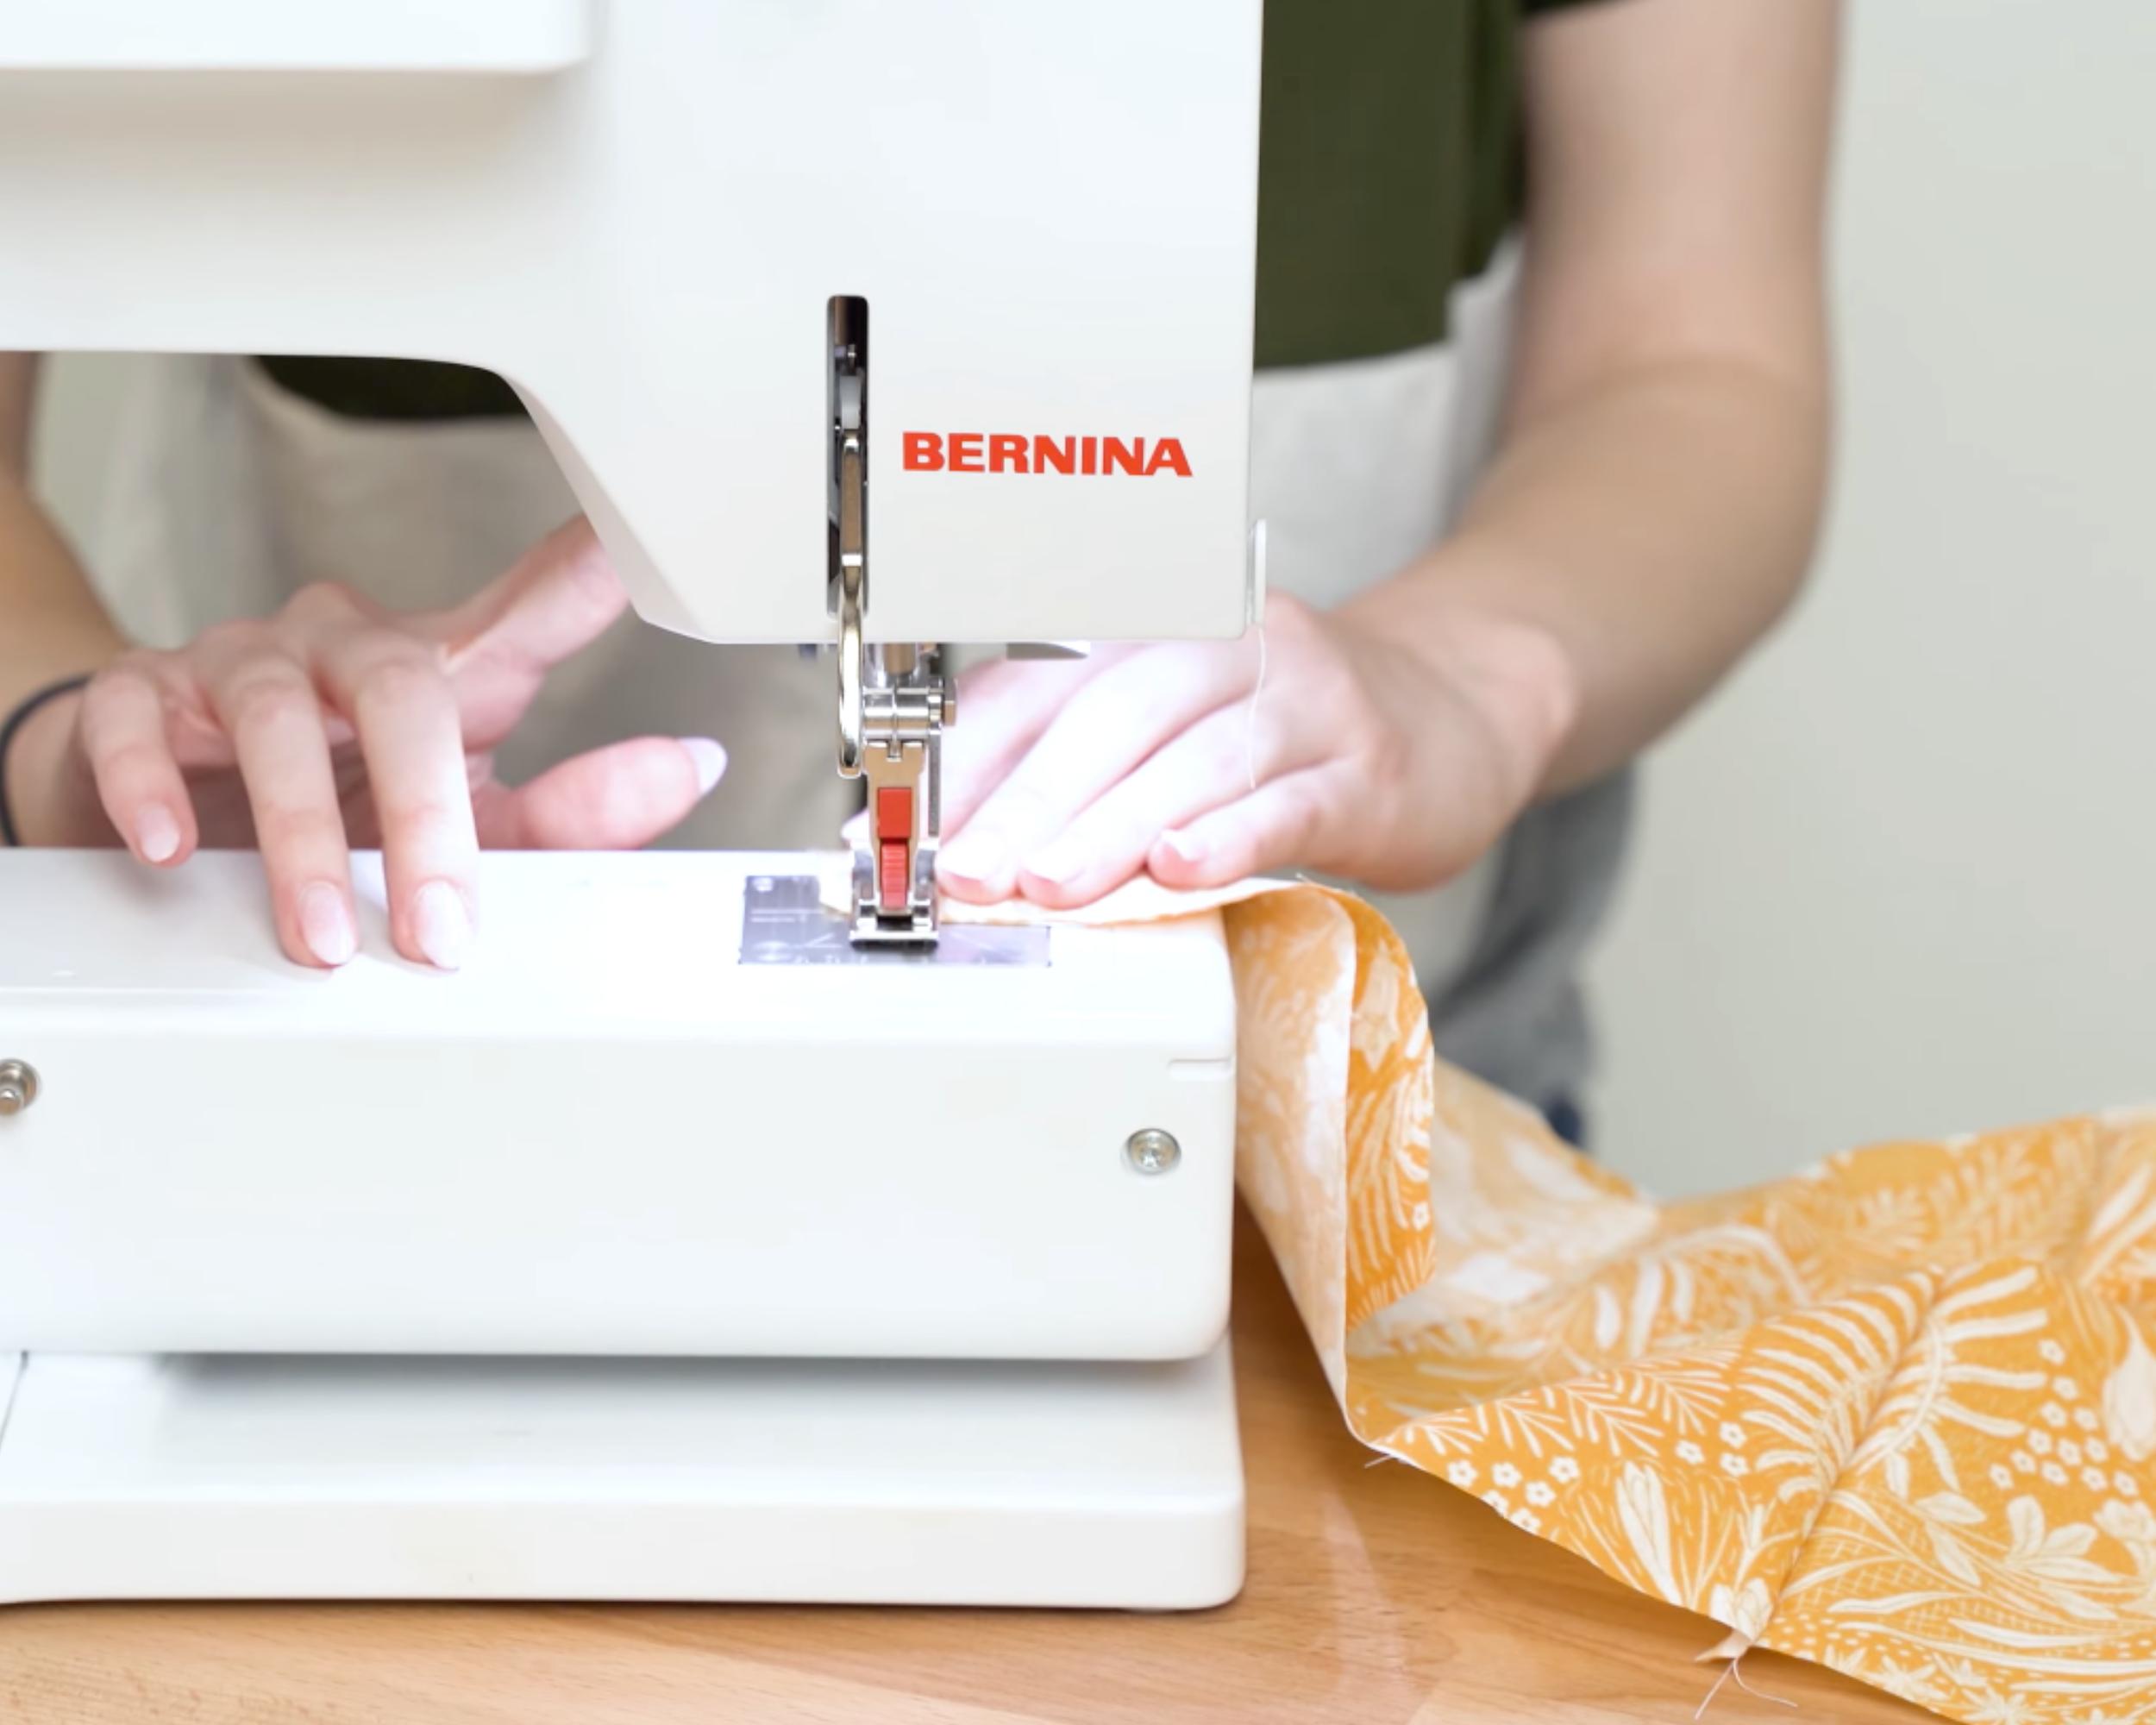 Sewing shoulder seams together